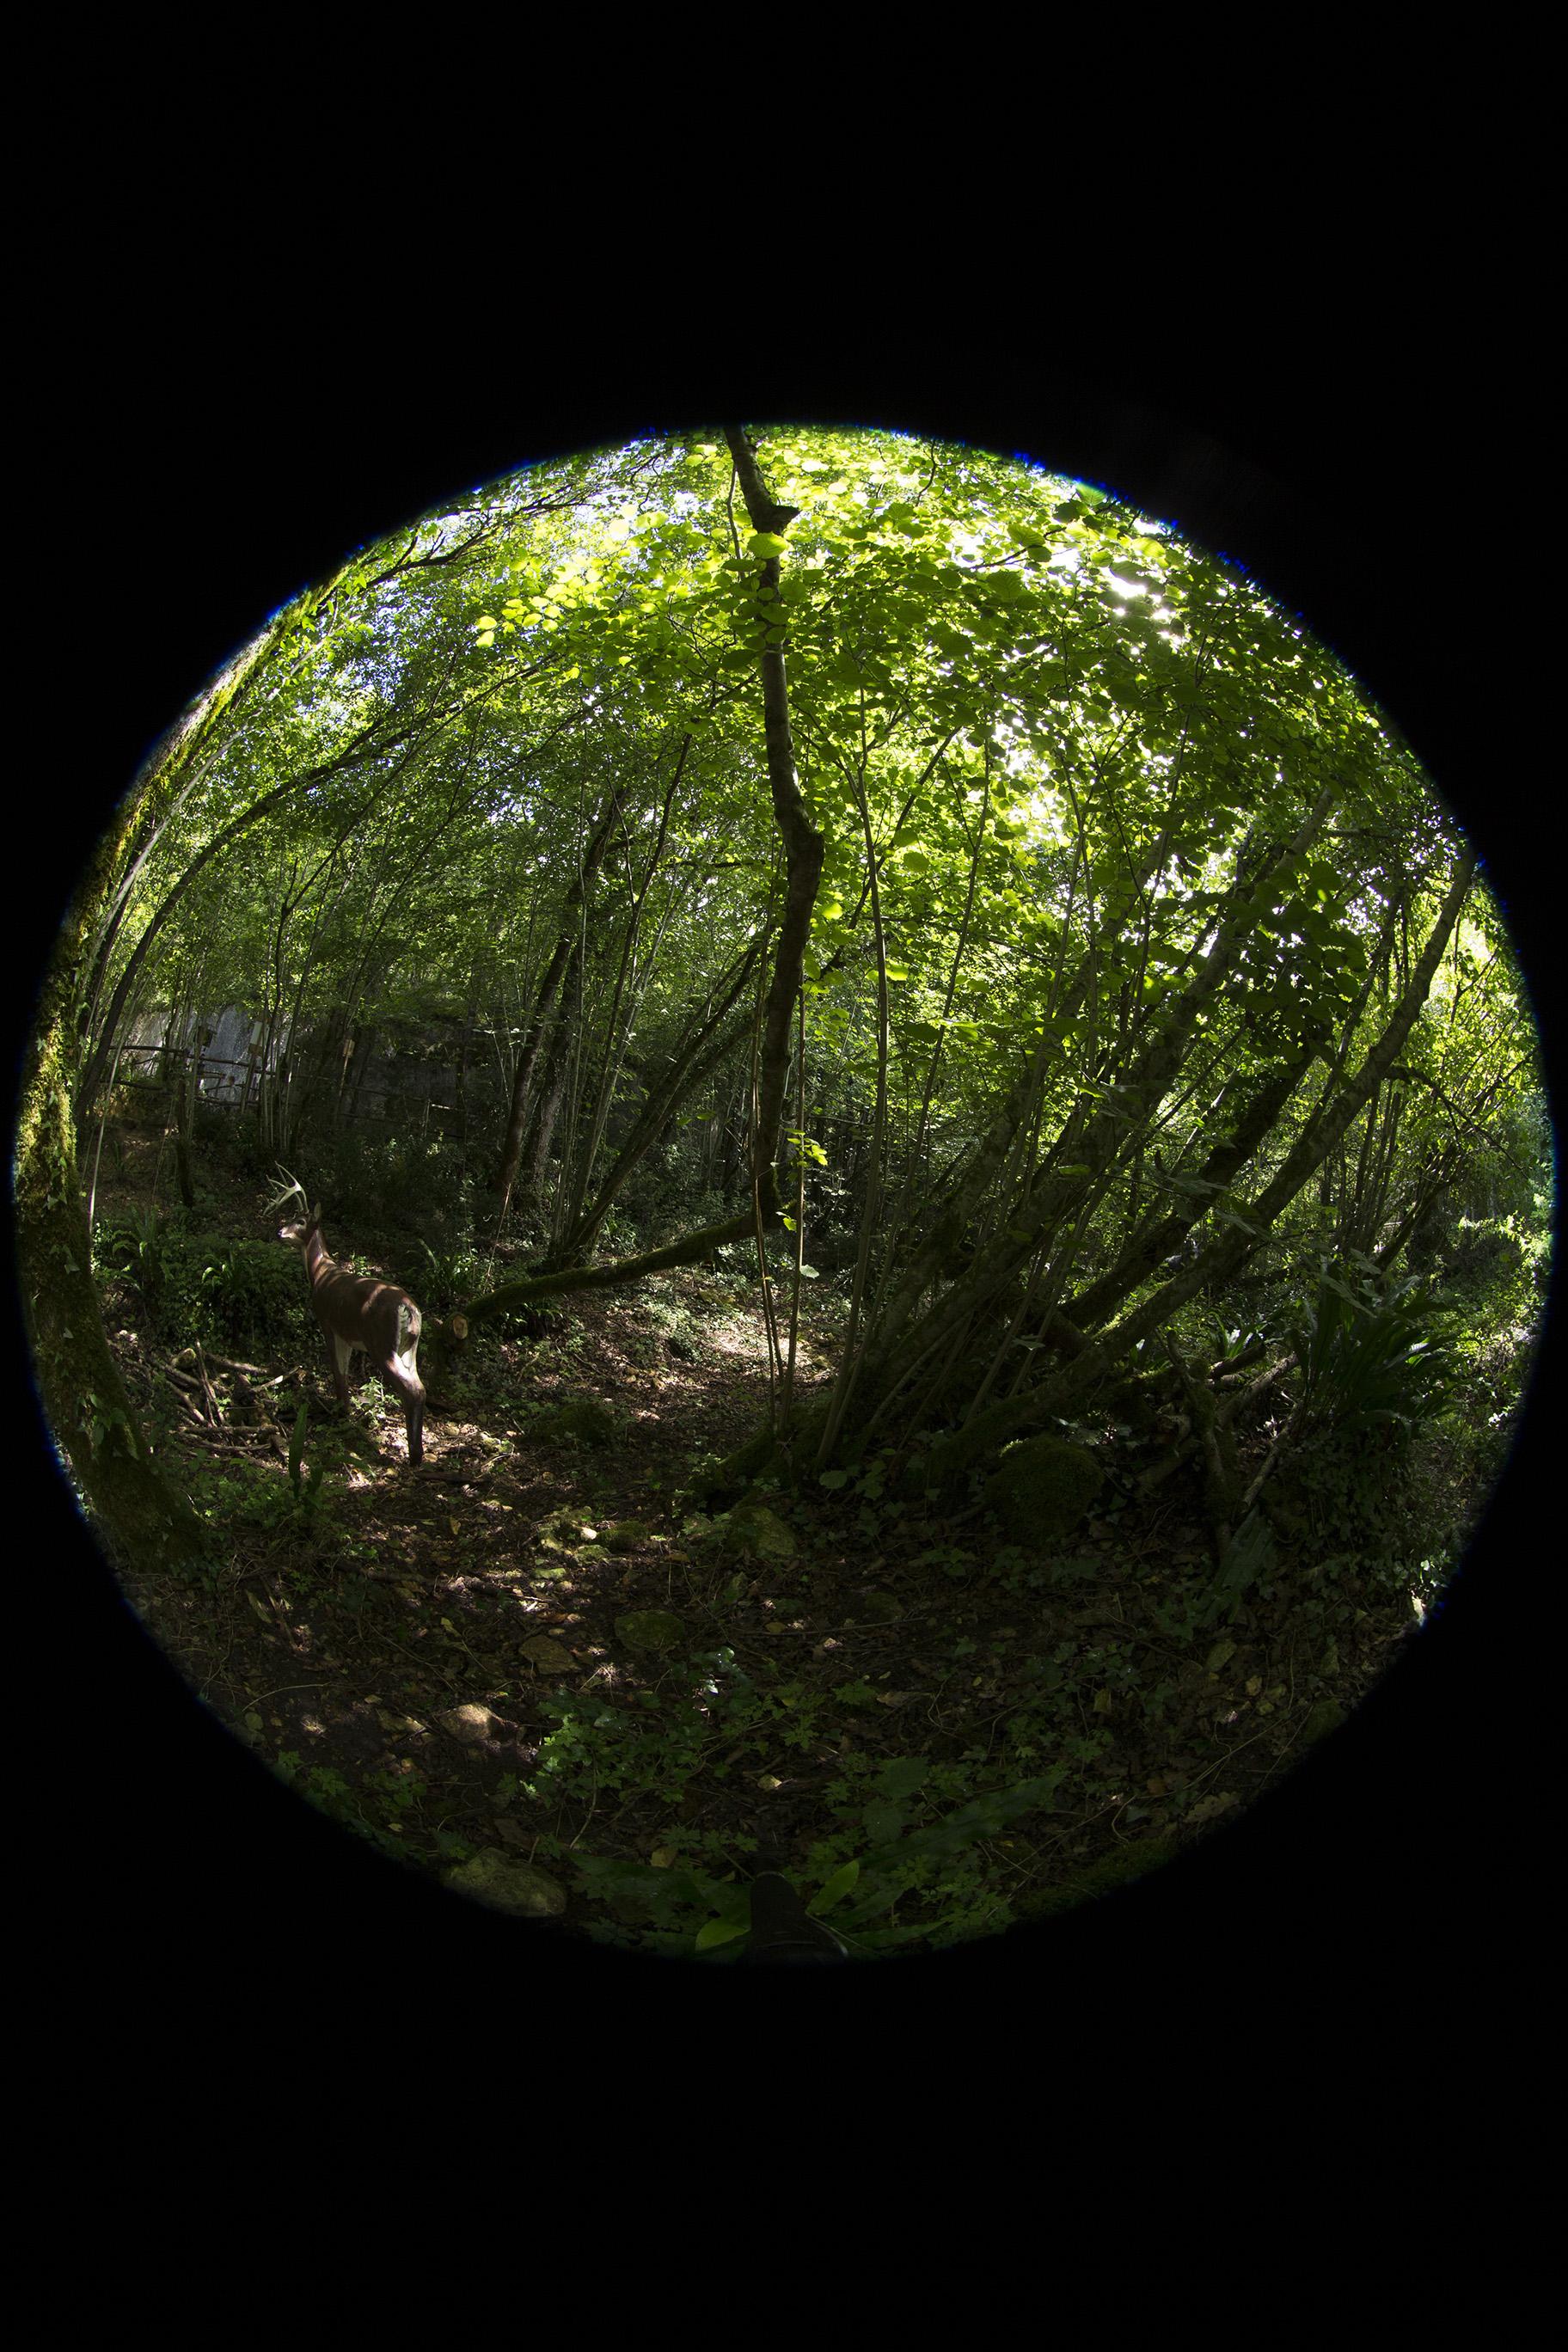 creer-une-visite-virtuelle.com_HDR_Roc_de_cazelle-7.jpg